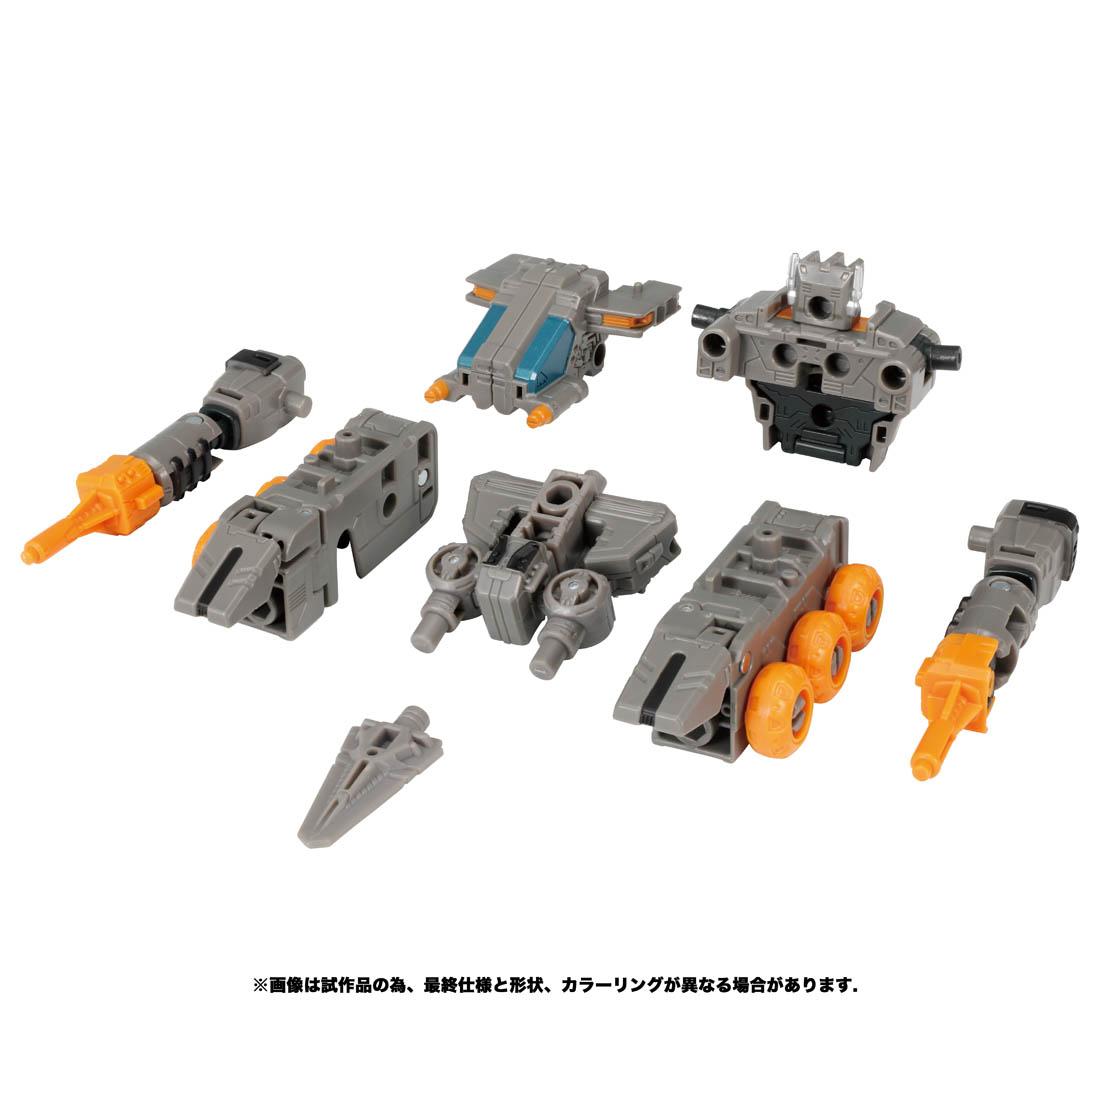 トランスフォーマー アースライズ『ER-12 ファストトラック』可変可動フィギュア-005